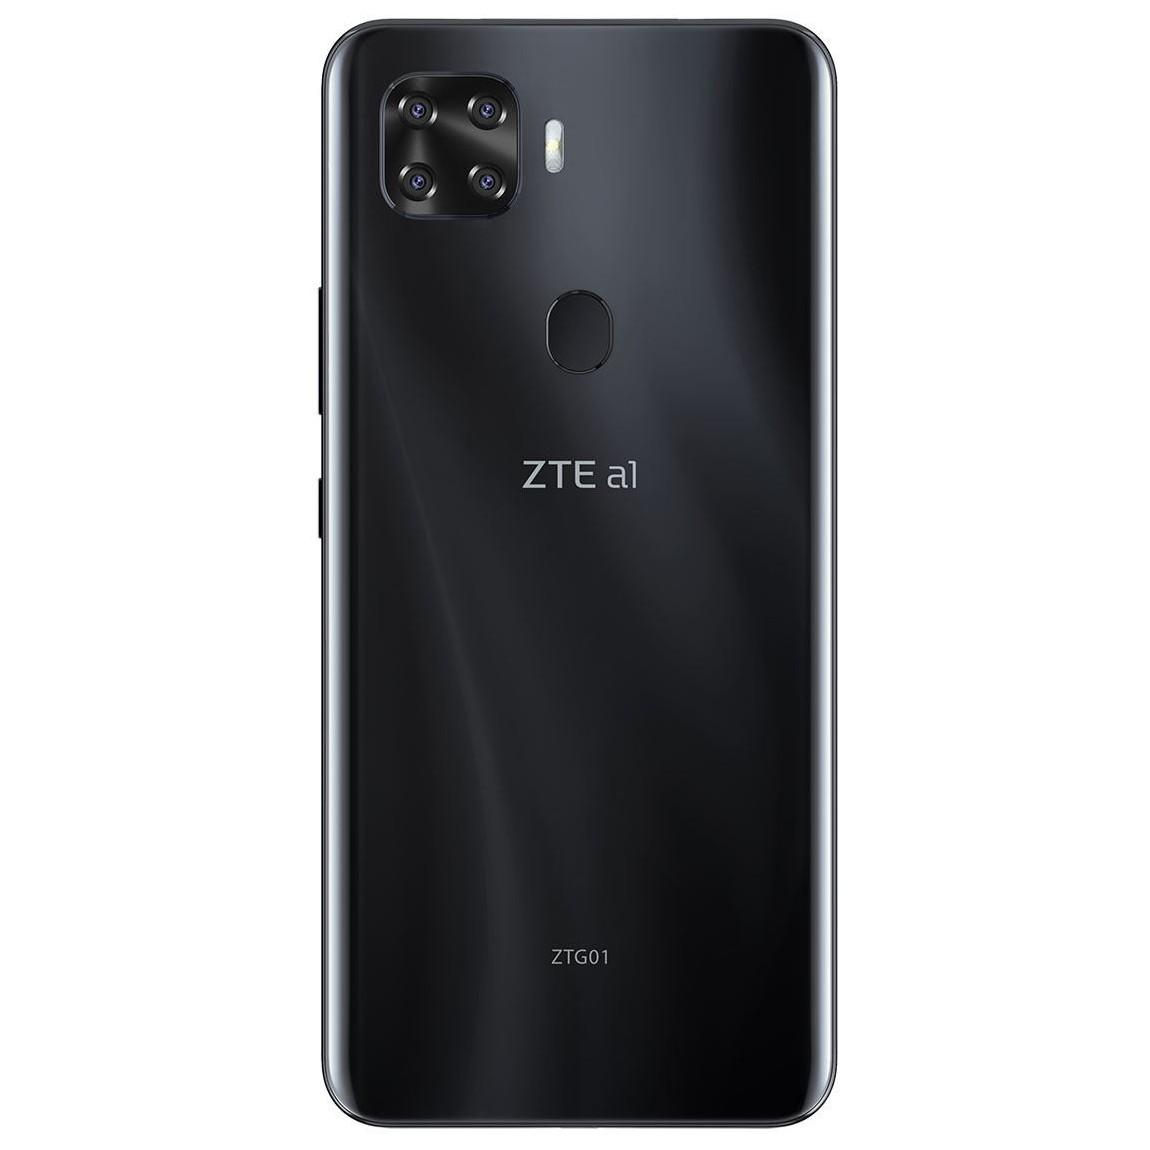 ZTE a1